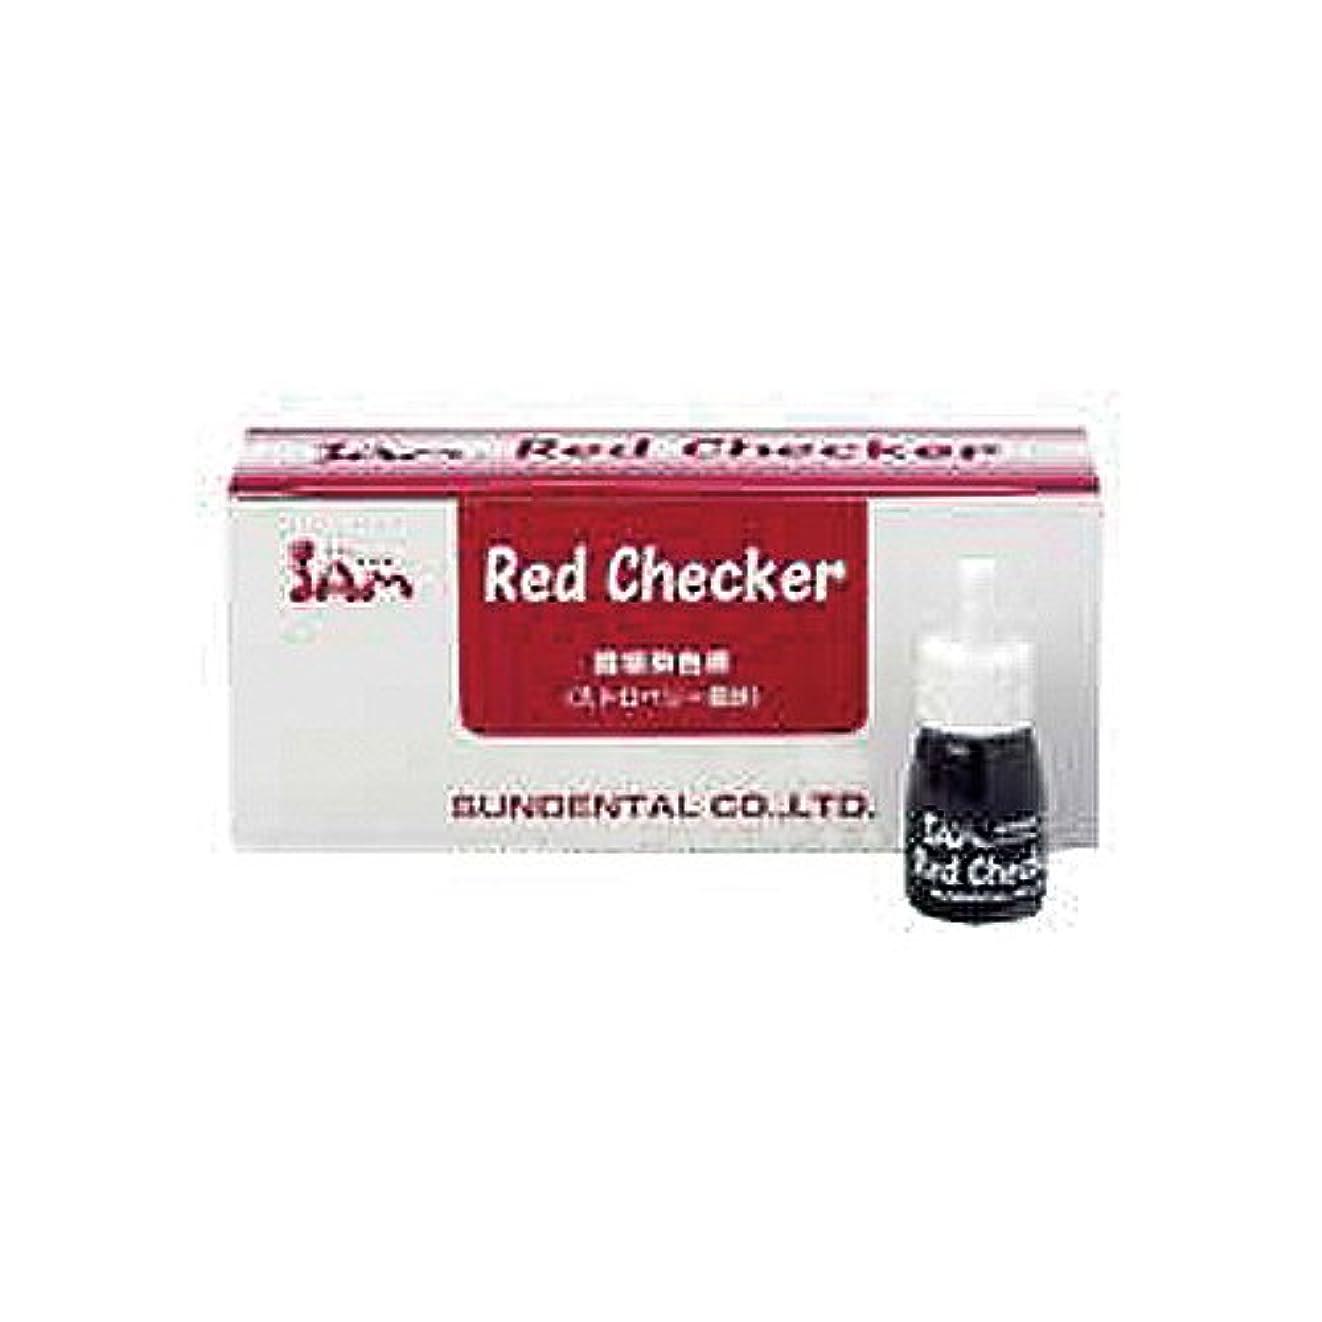 怪物前に体操サムフレンド レッドチェッカー Red Checker 5ml × 12本